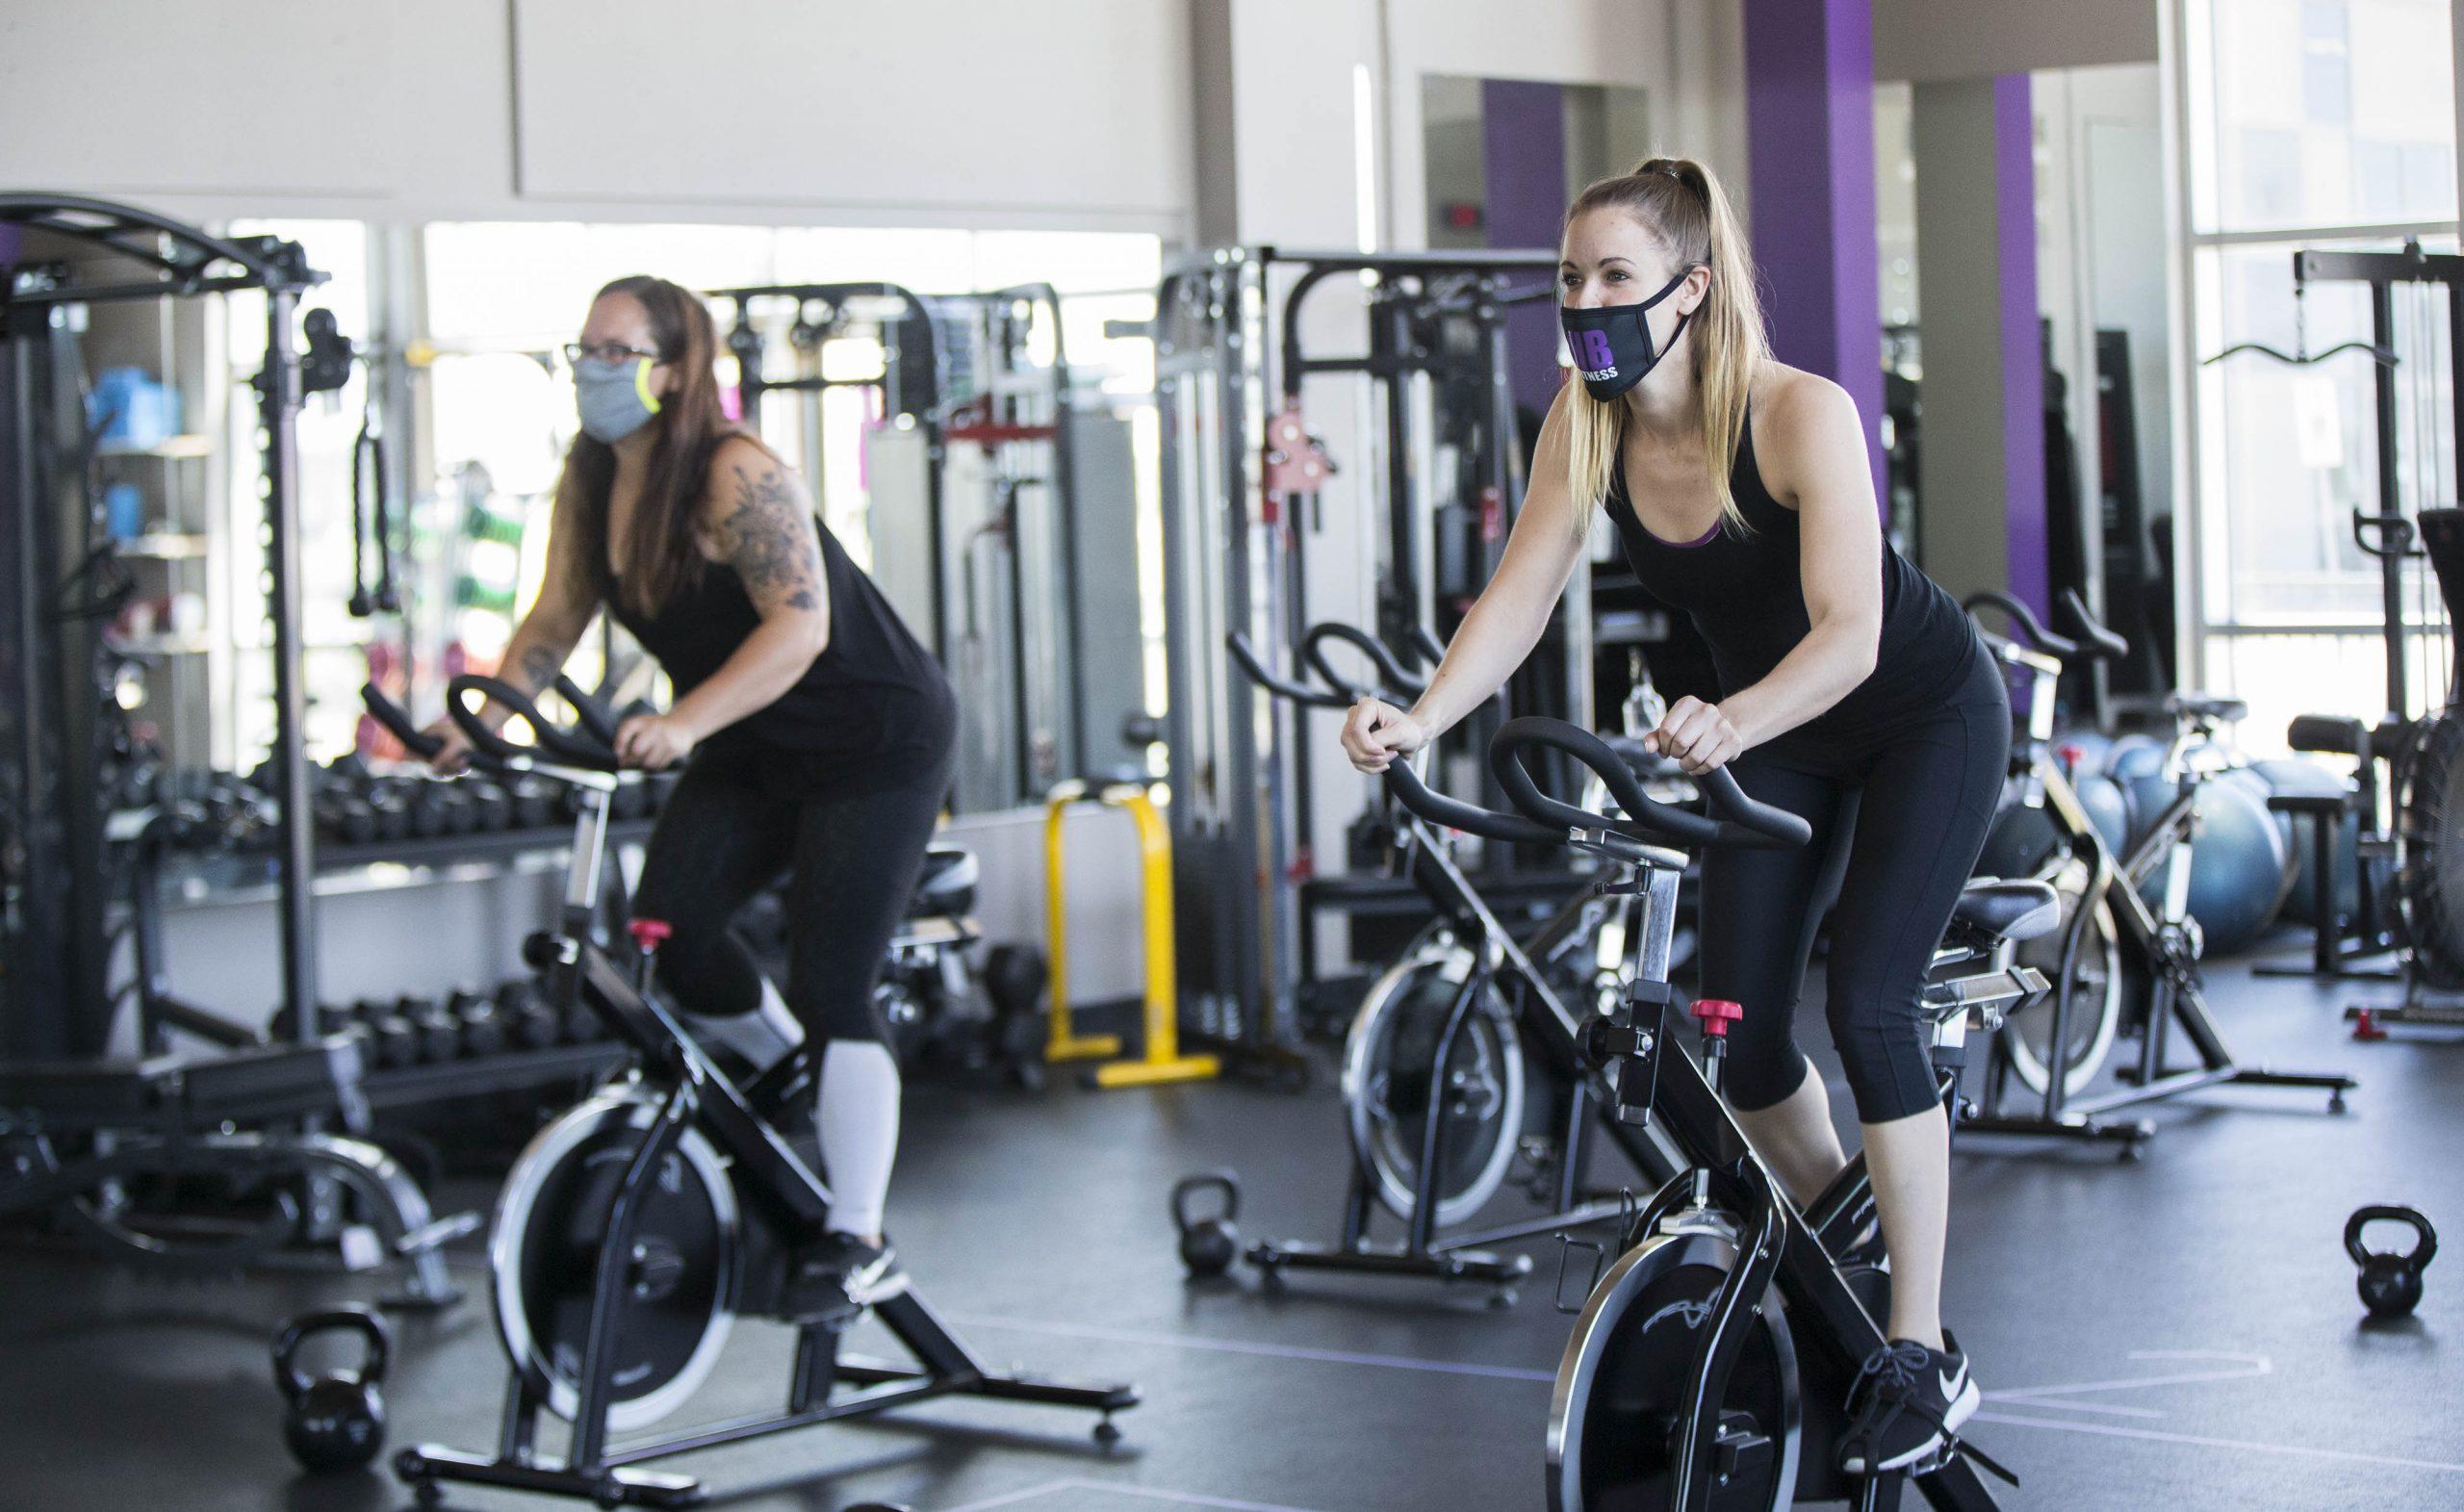 Actividad física regular reduce posibilidad de hospitalización por COVID-19, señala estudio brasileño